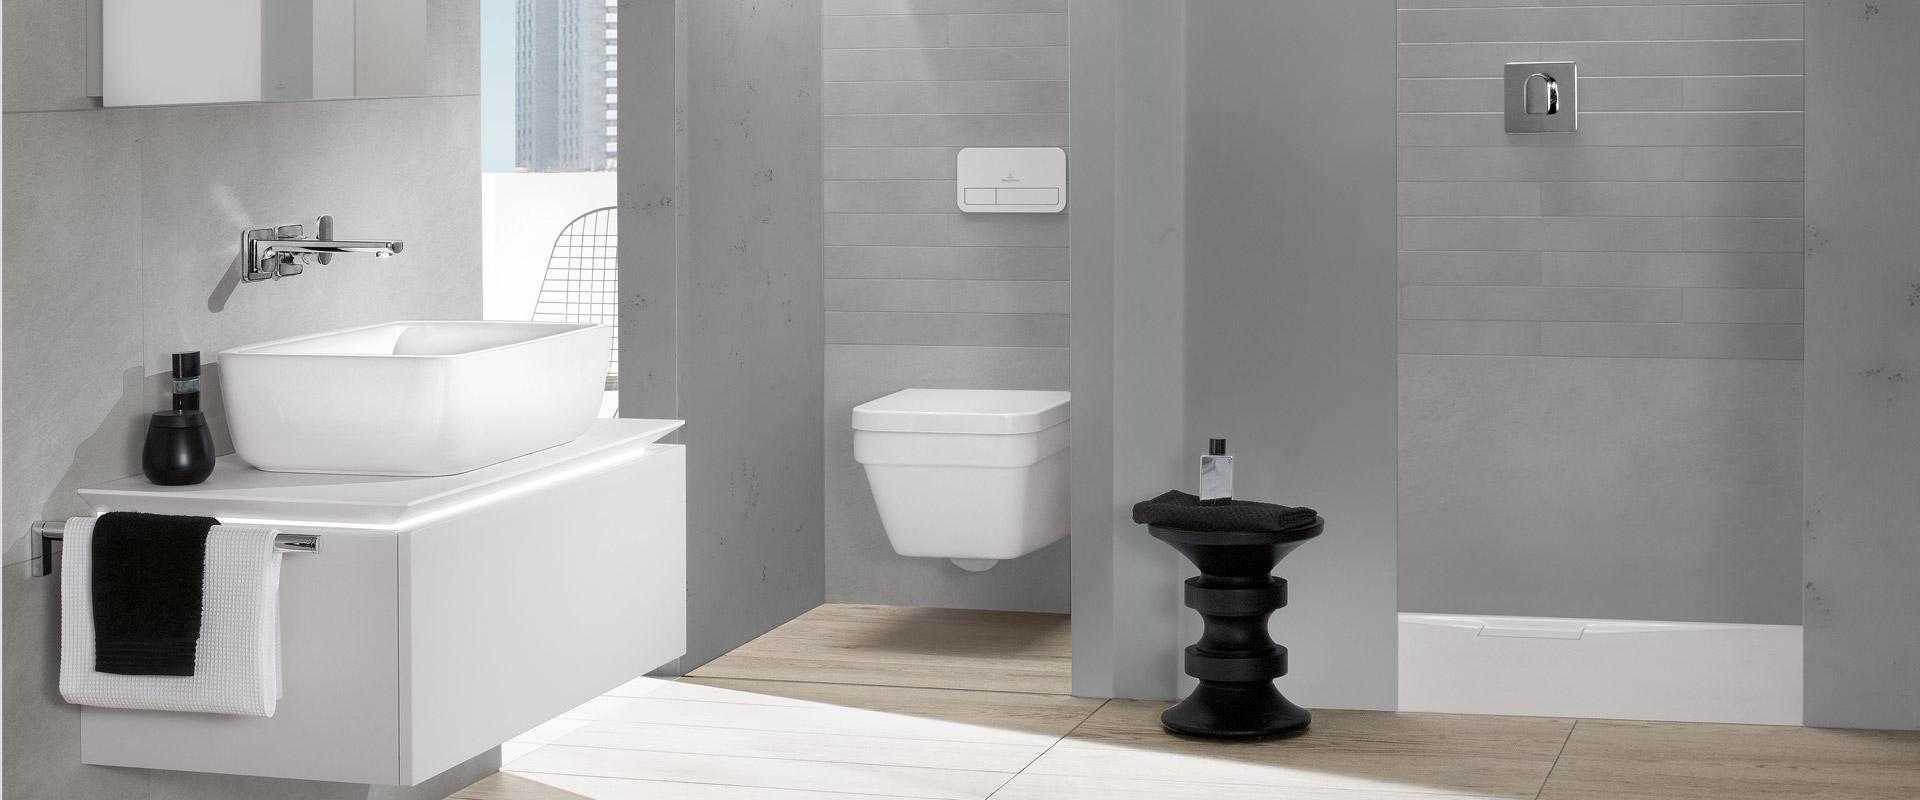 Architectura – design intemporel pour votre salle de bains